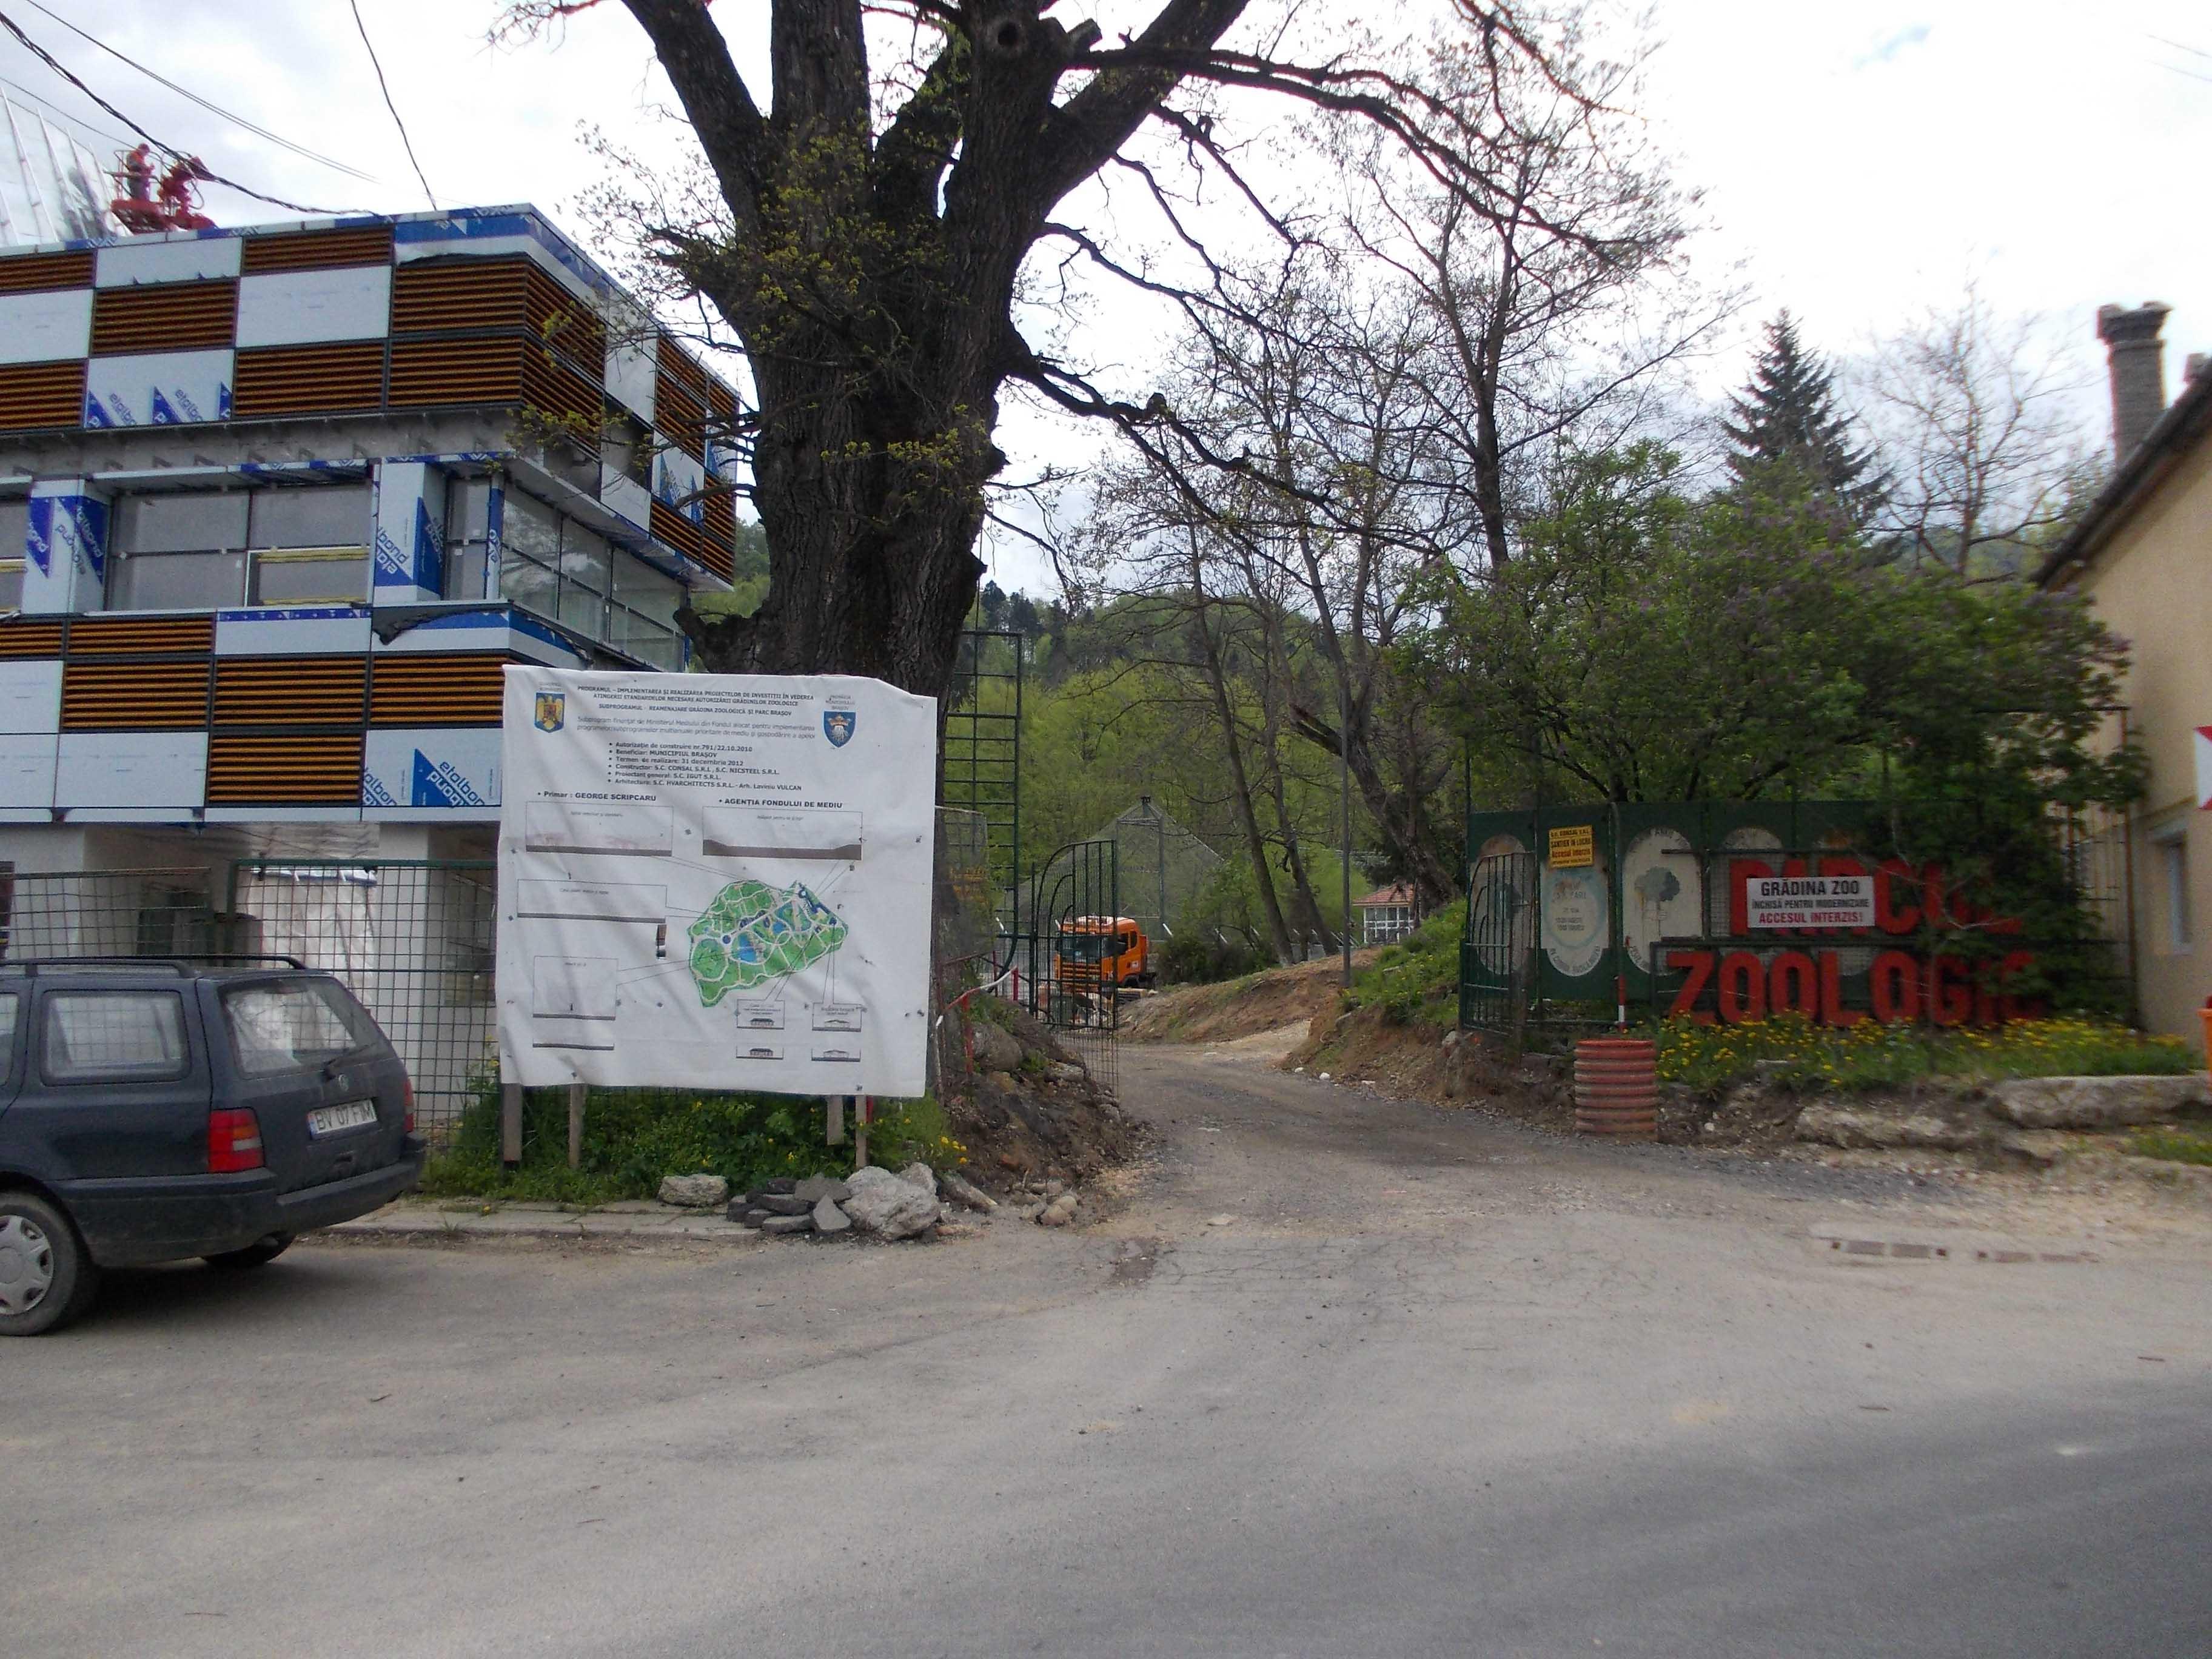 Grădina zoologică se va redeschide abia după jumătatea lui august, deşi ultima promisiune era pentru finele acestei luni